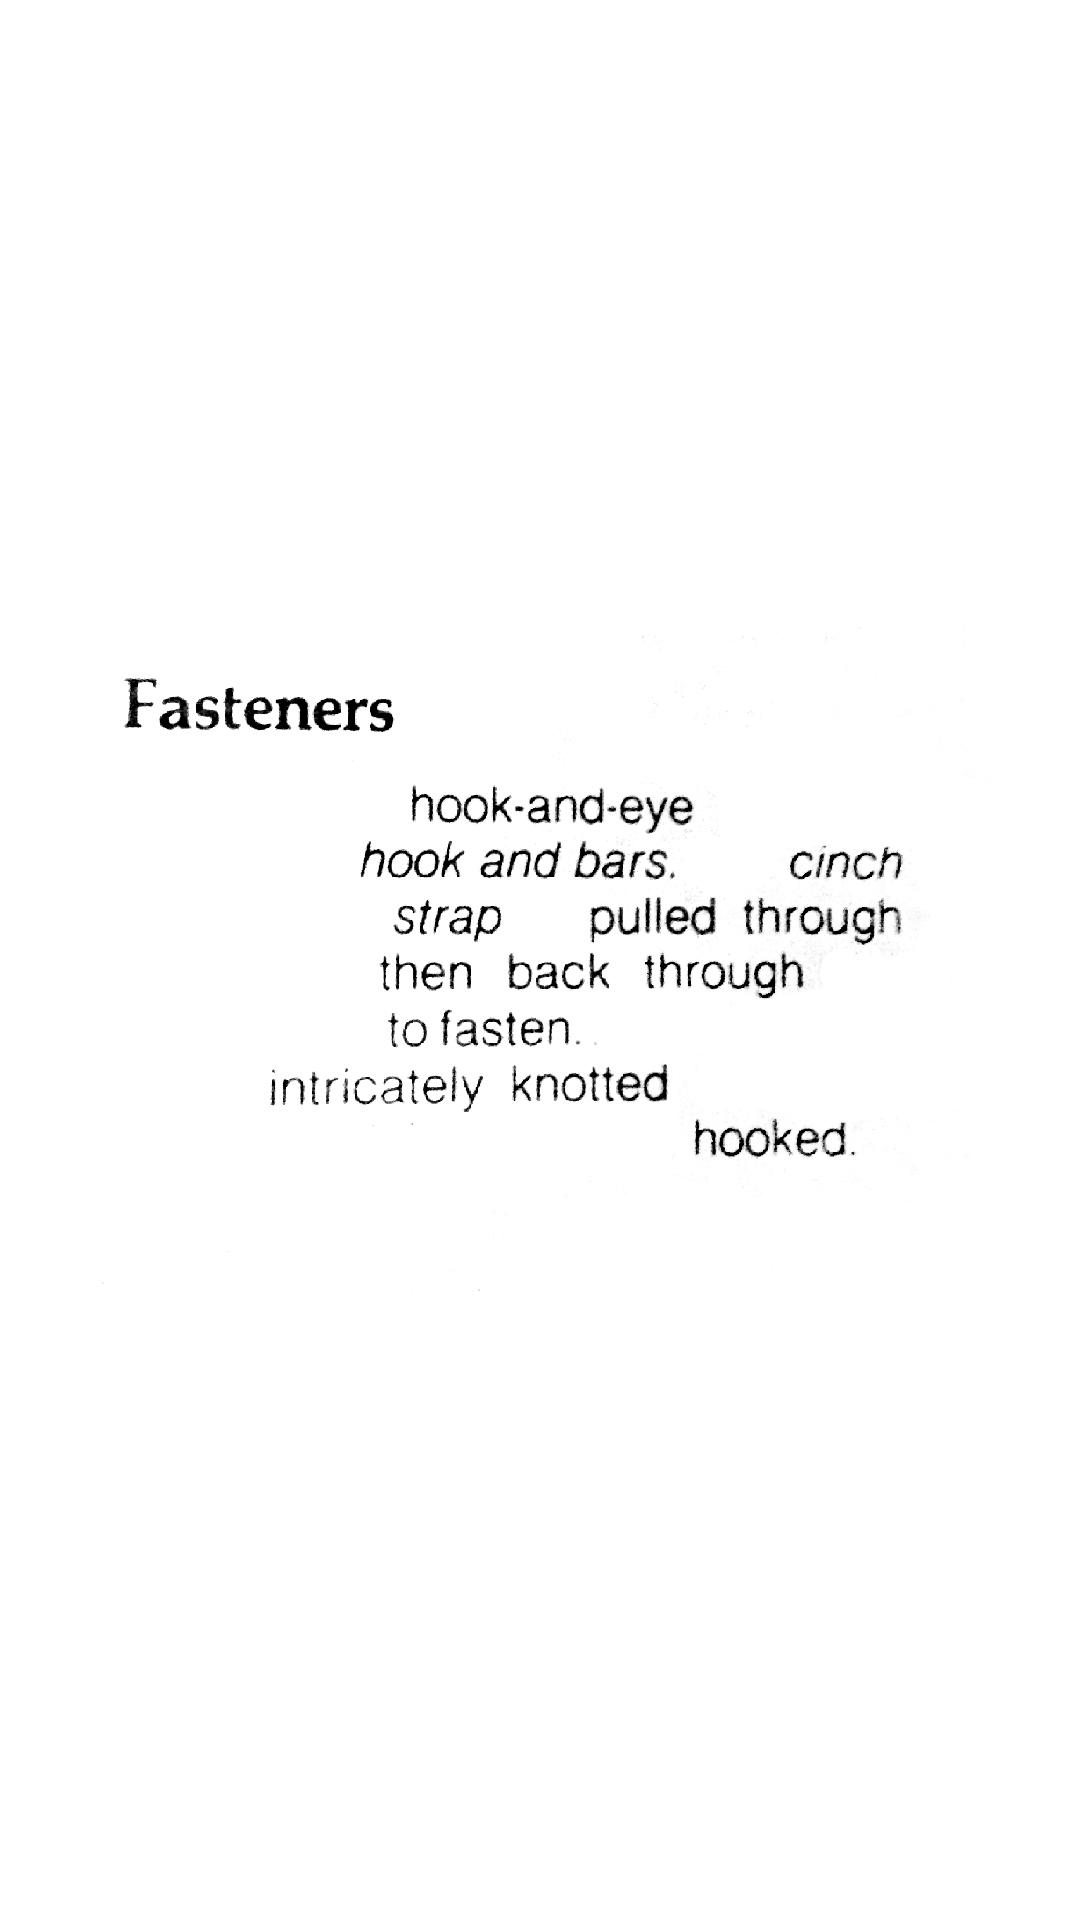 fasteners.jpg